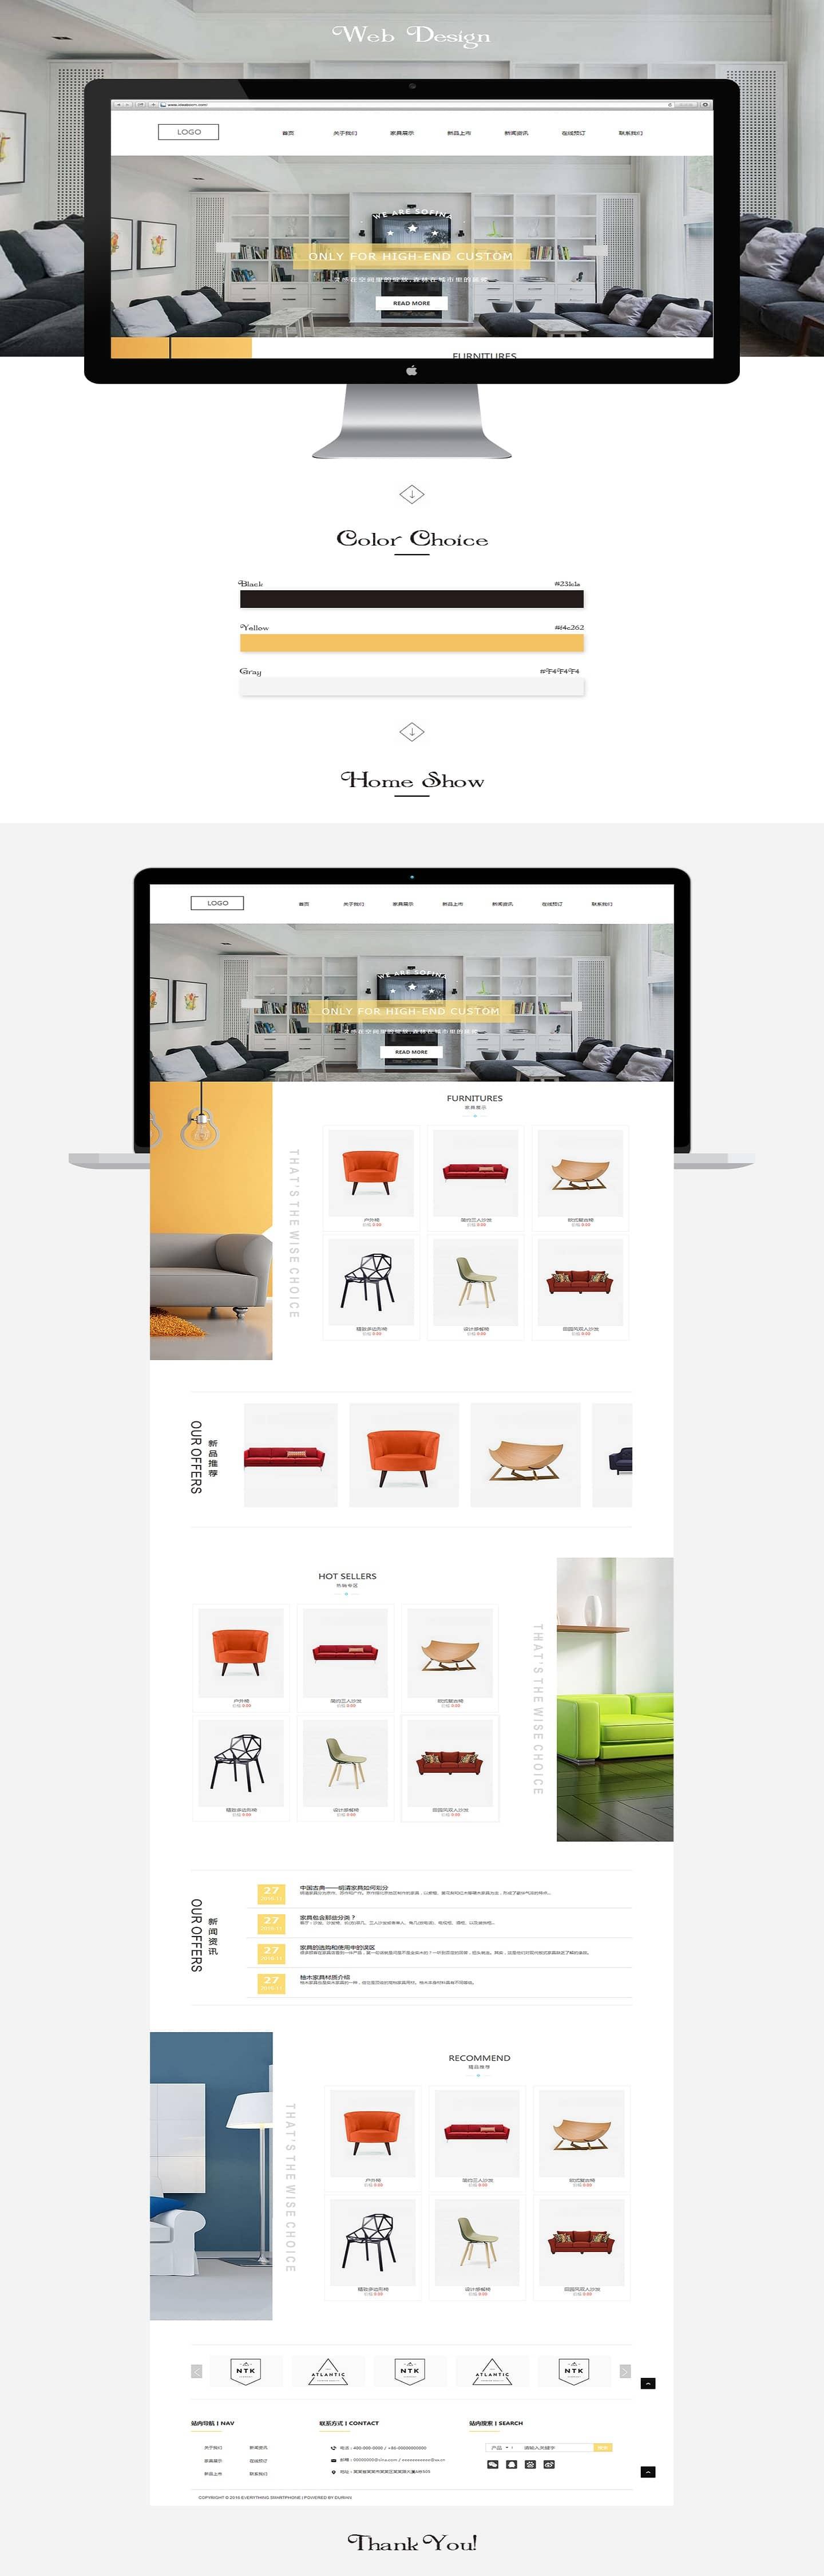 布谷科技-北美家具商城-美国网页开发